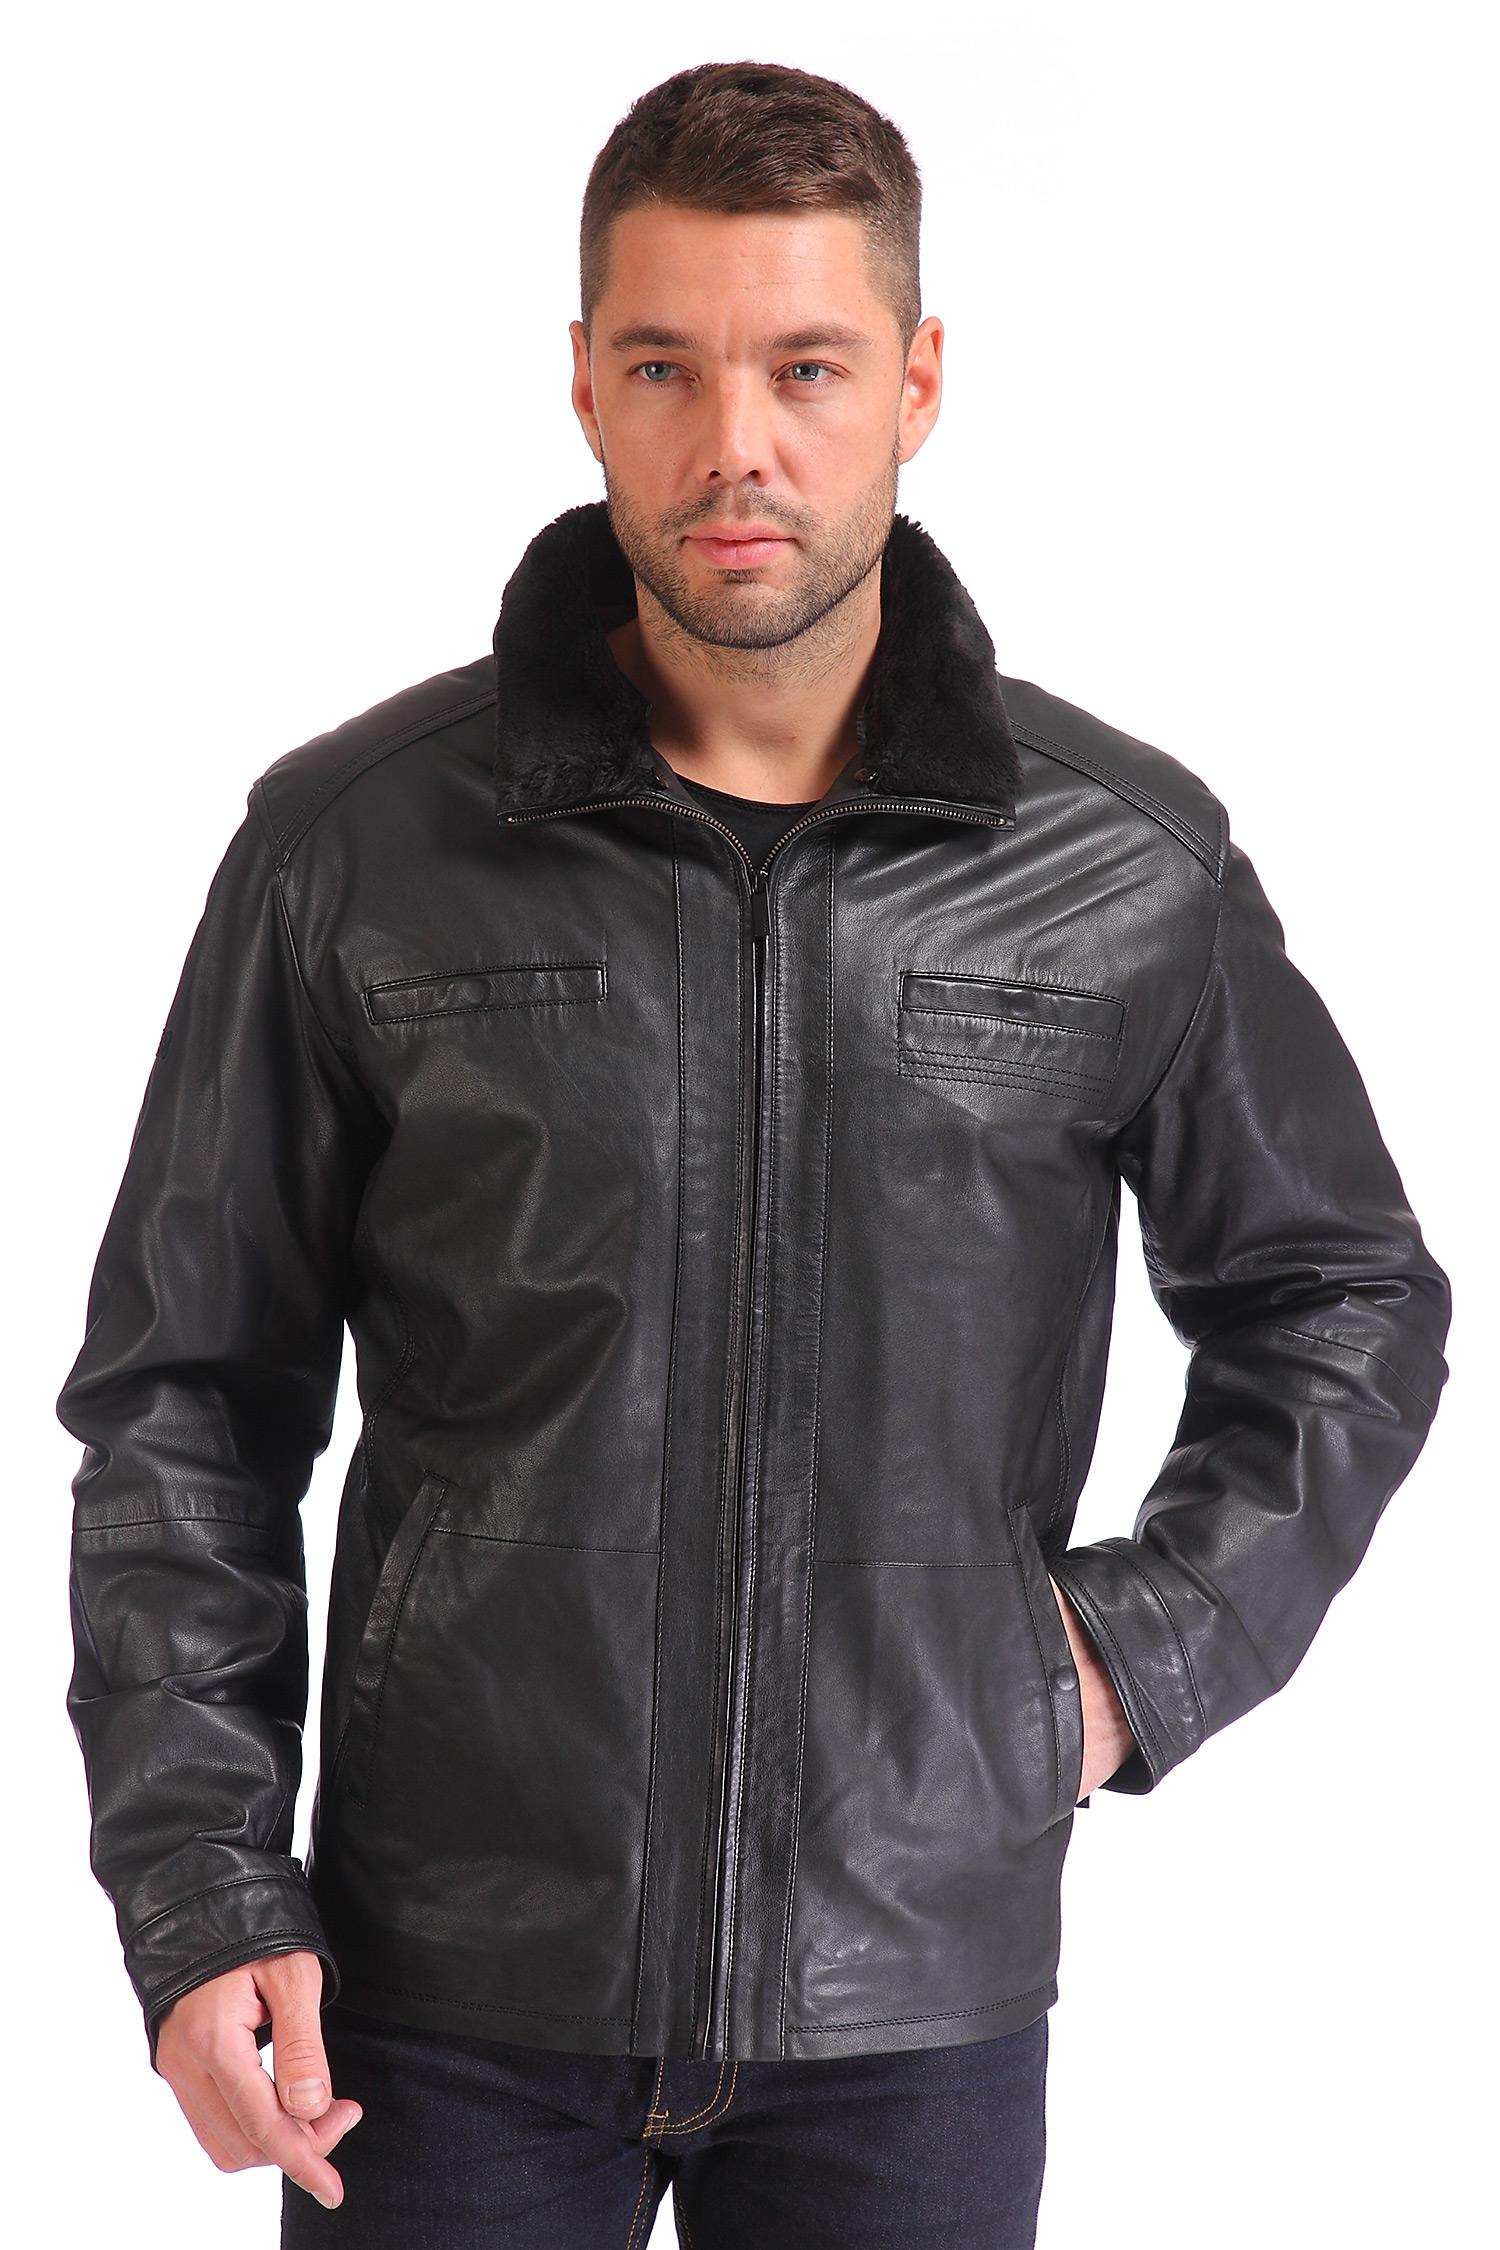 Мужская кожаная куртка из натуральной кожи с воротником, отделка искусственный мех